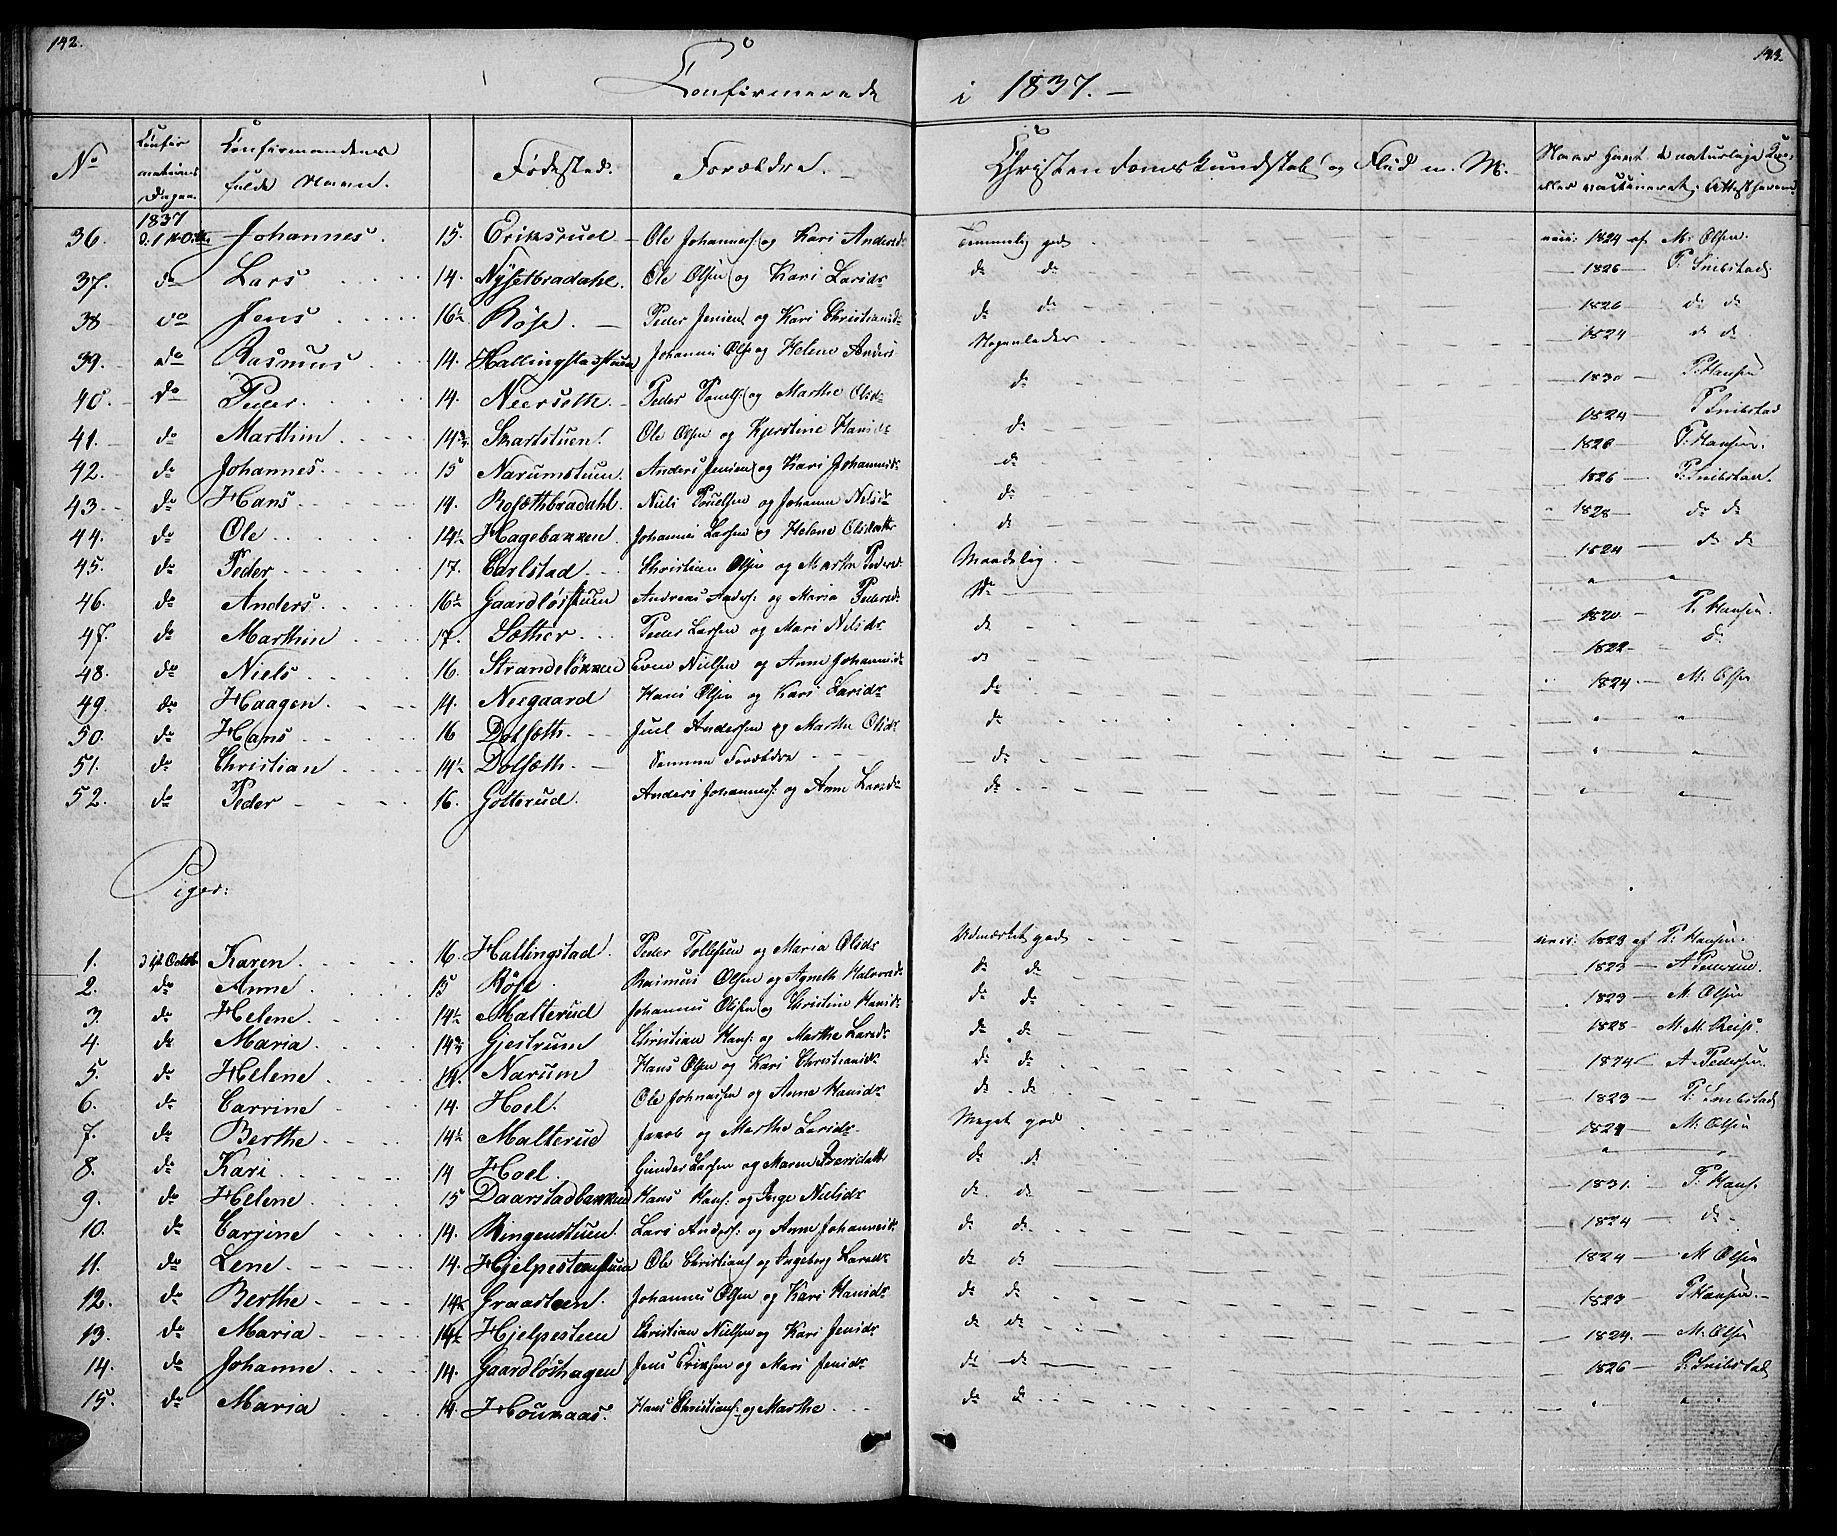 SAH, Vestre Toten prestekontor, H/Ha/Hab/L0002: Klokkerbok nr. 2, 1836-1848, s. 142-143